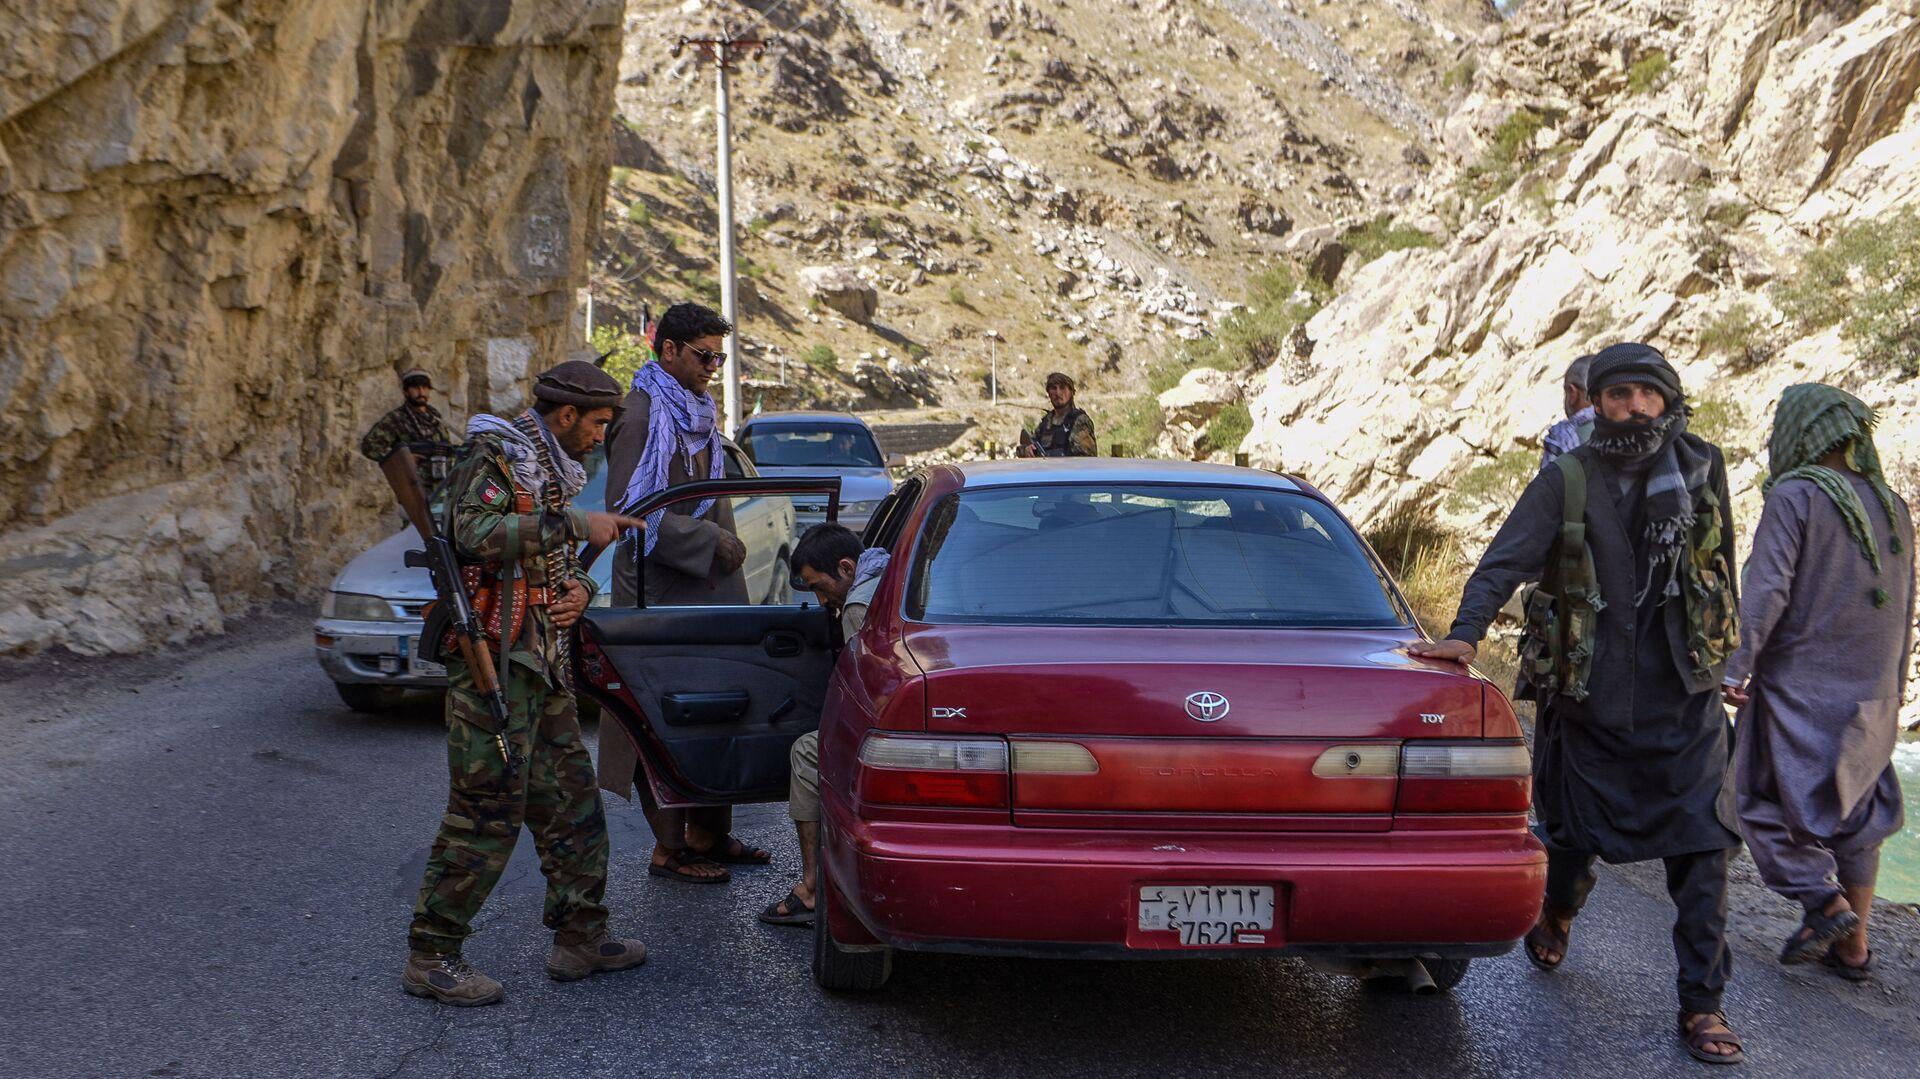 Движение афганского сопротивления проверяют машины в Панджшер   - Sputnik Таджикистан, 1920, 29.08.2021